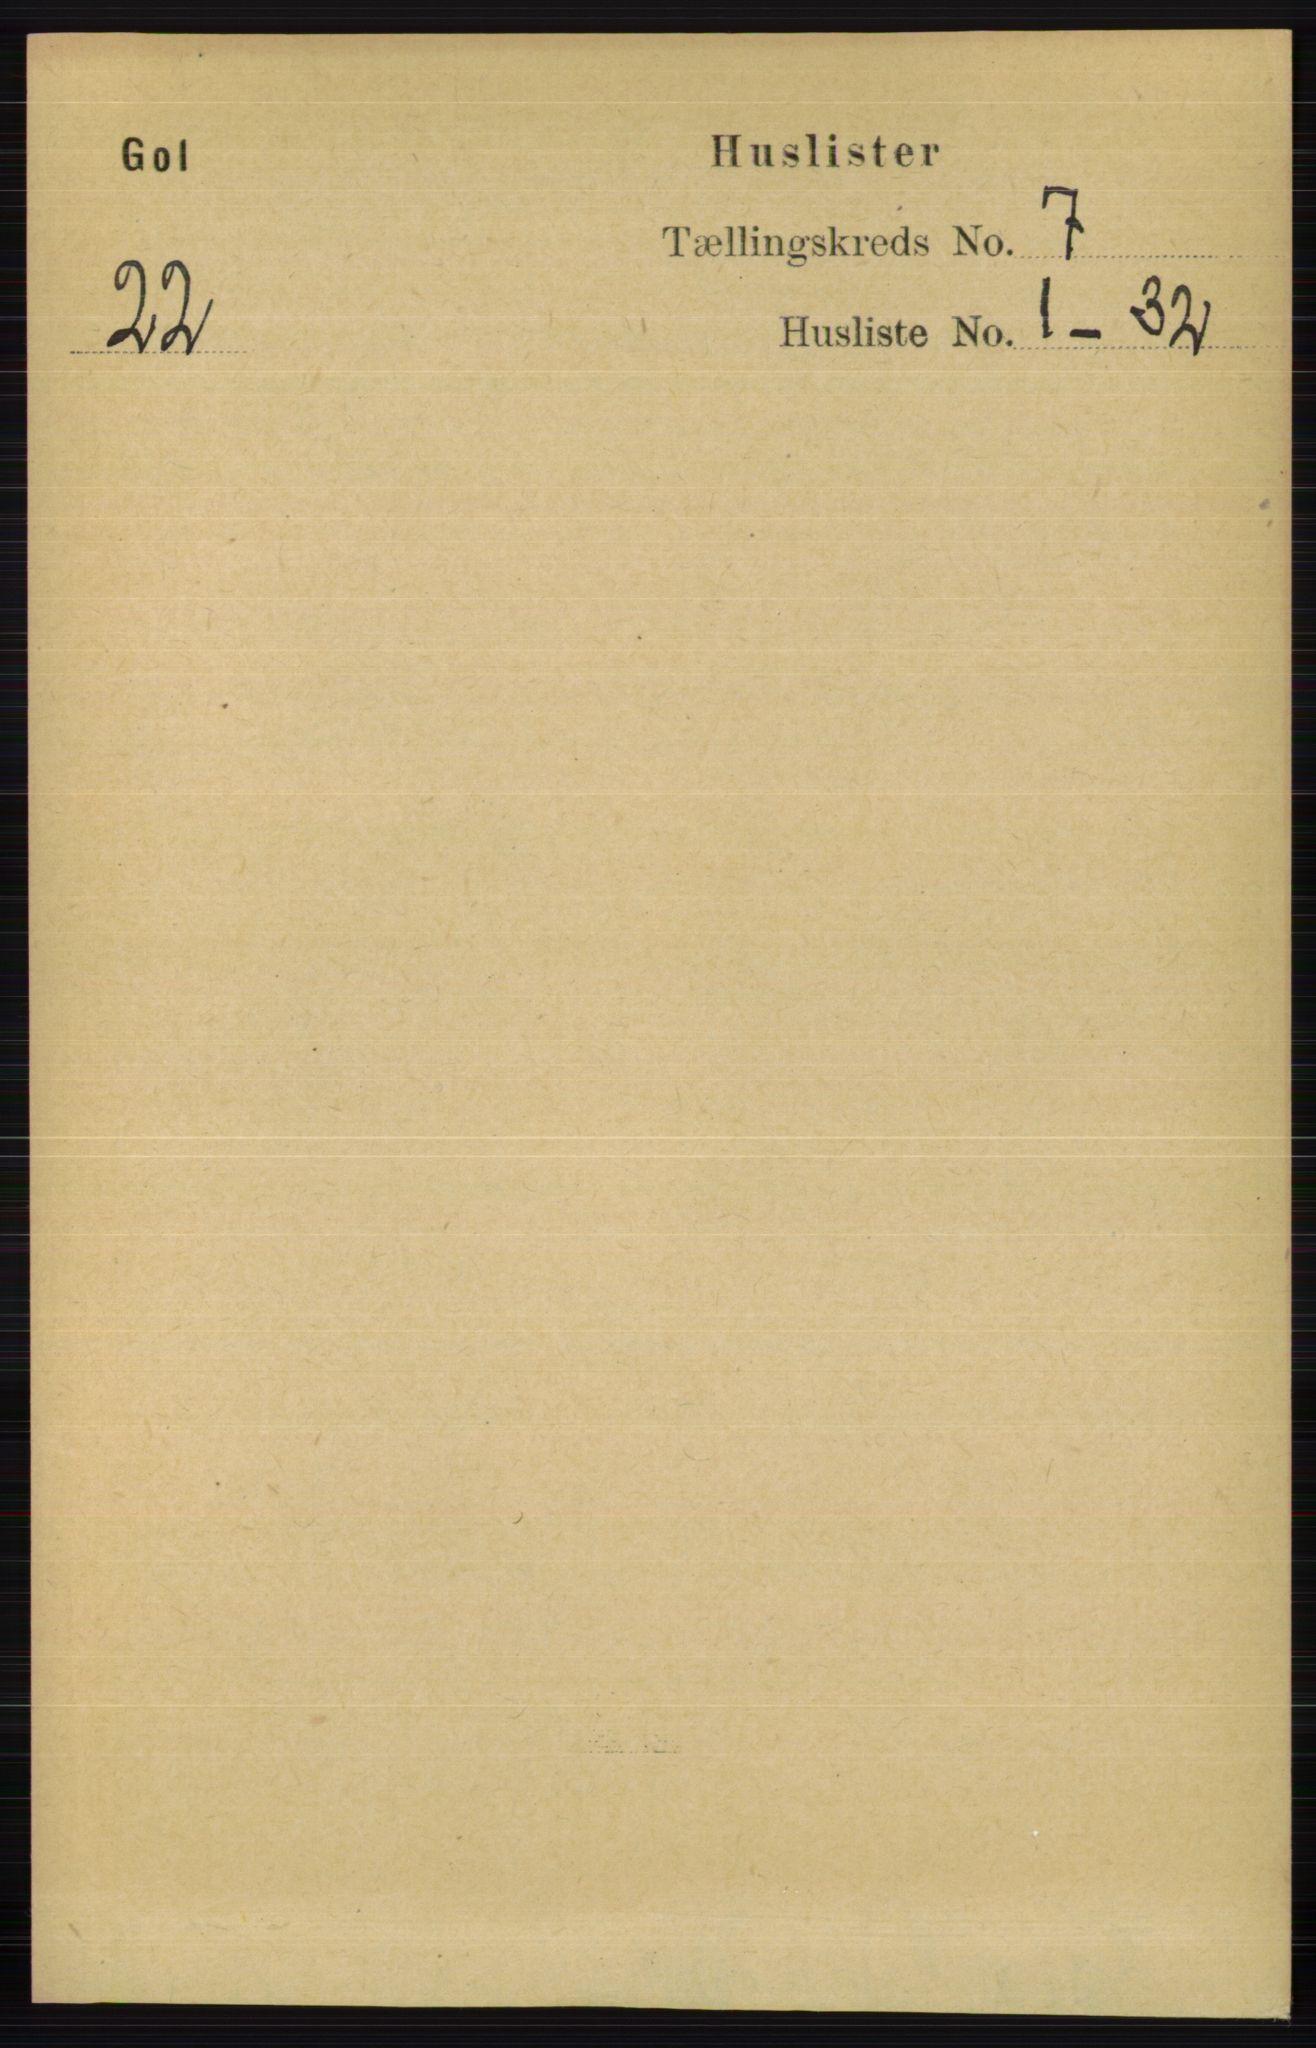 RA, Folketelling 1891 for 0617 Gol og Hemsedal herred, 1891, s. 2771